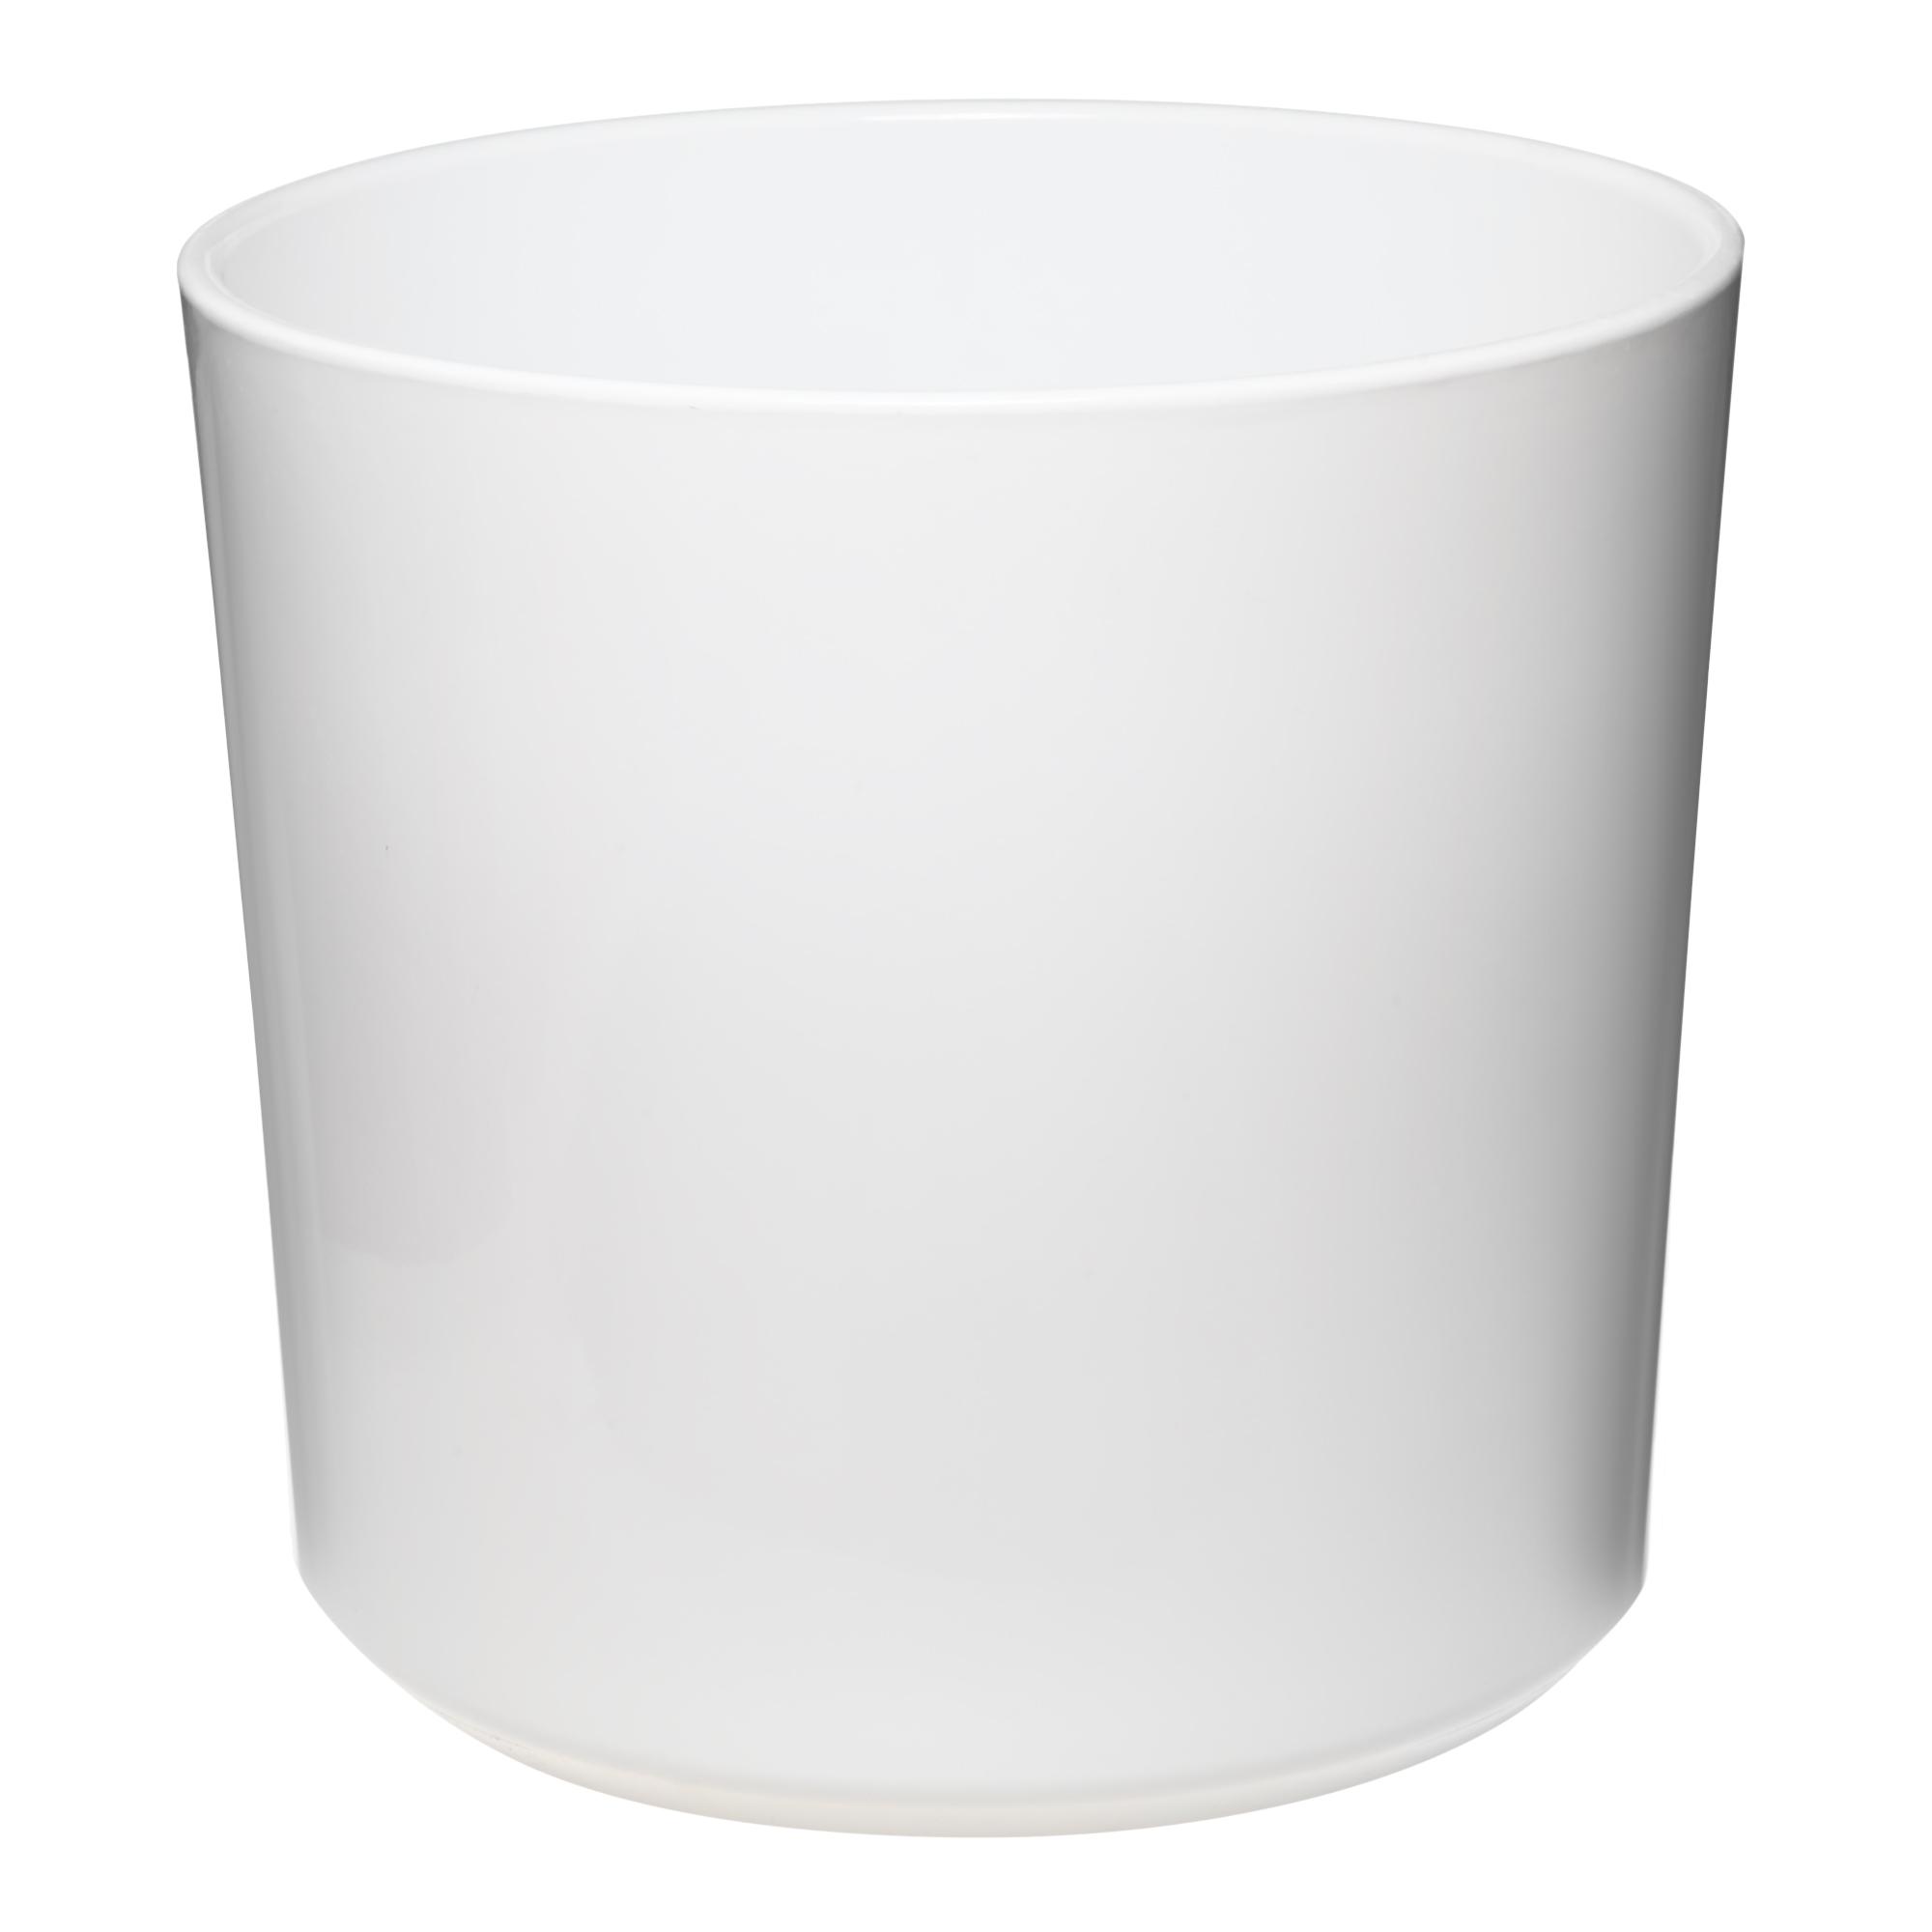 Кашпо Soendgen las vegas d37 глянцевый белый недорого